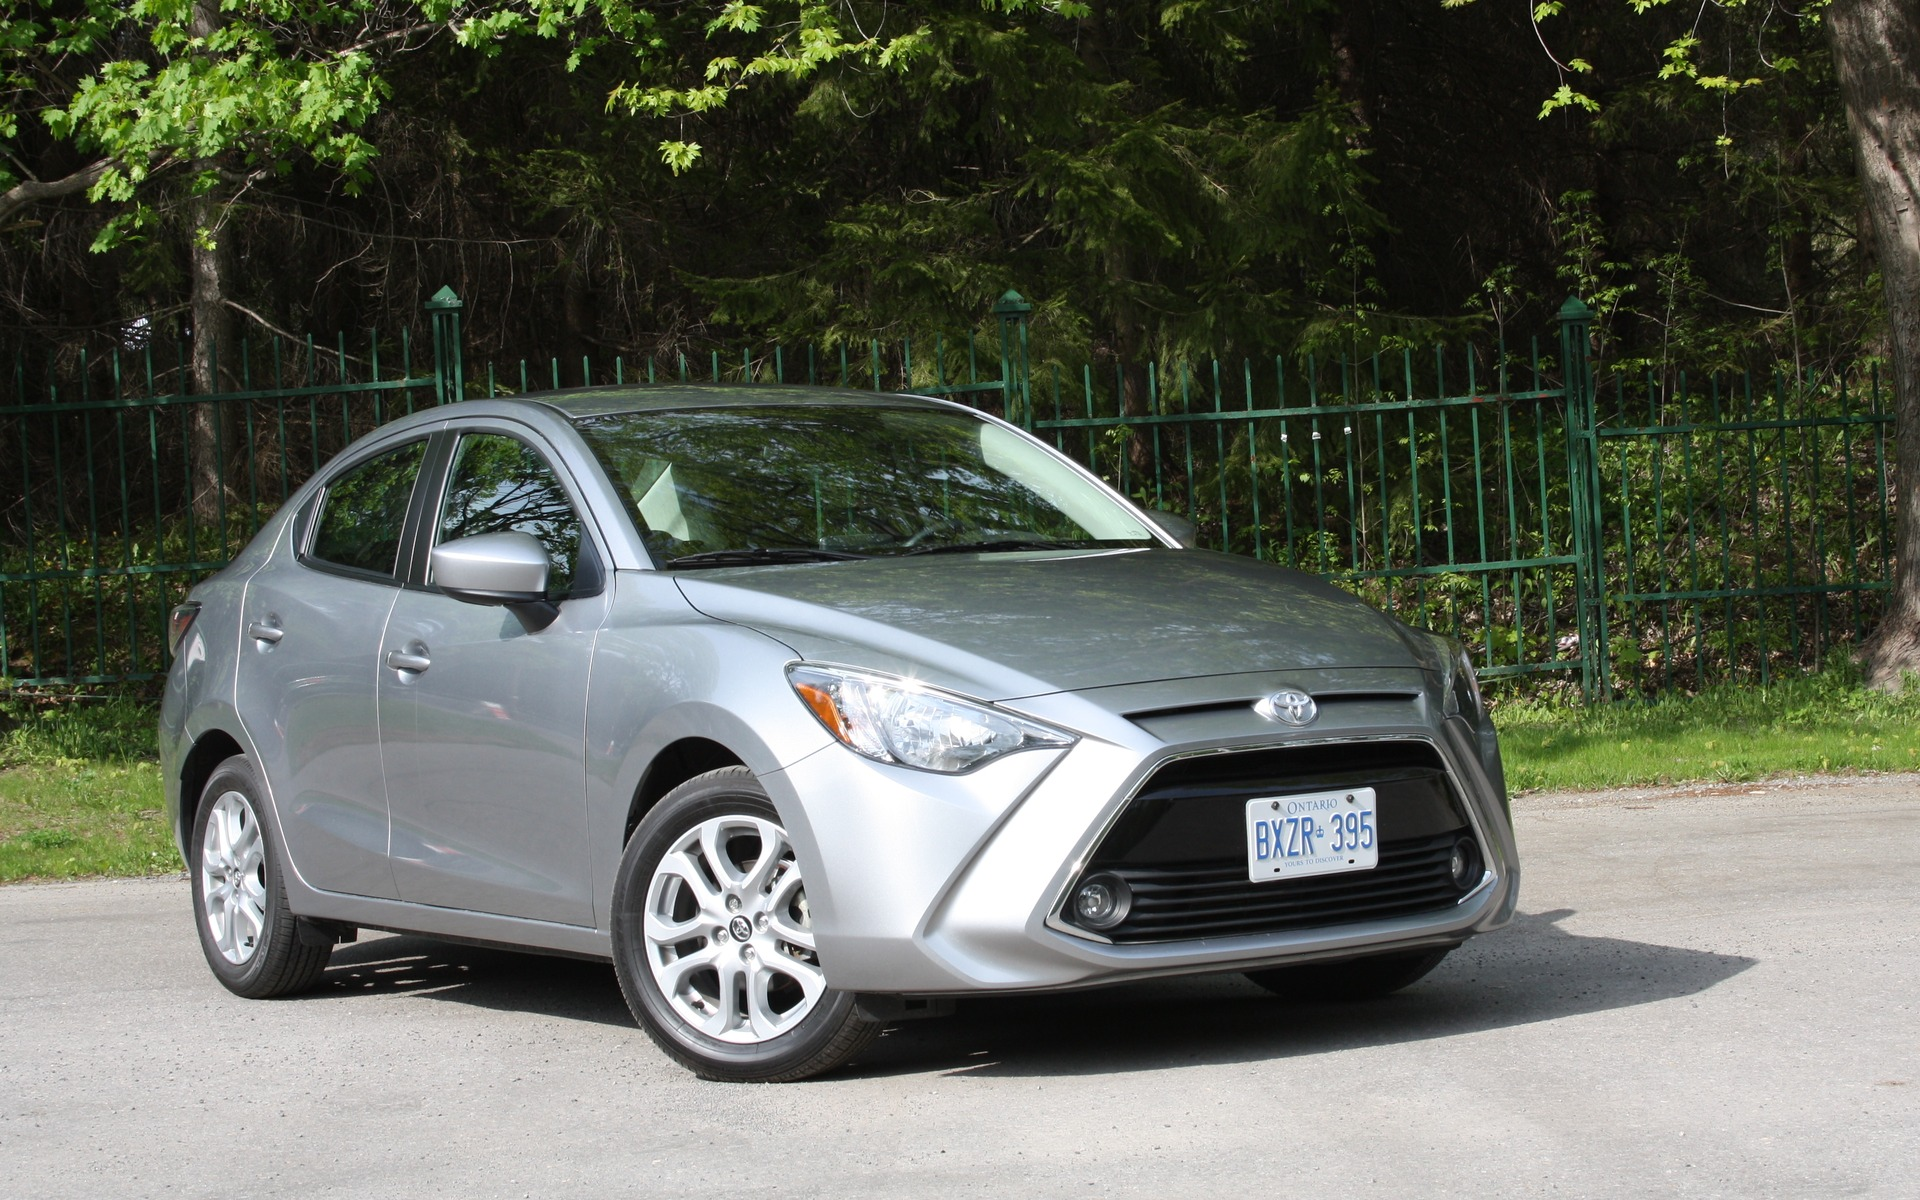 Kelebihan Toyota Yaris 2016 Top Model Tahun Ini